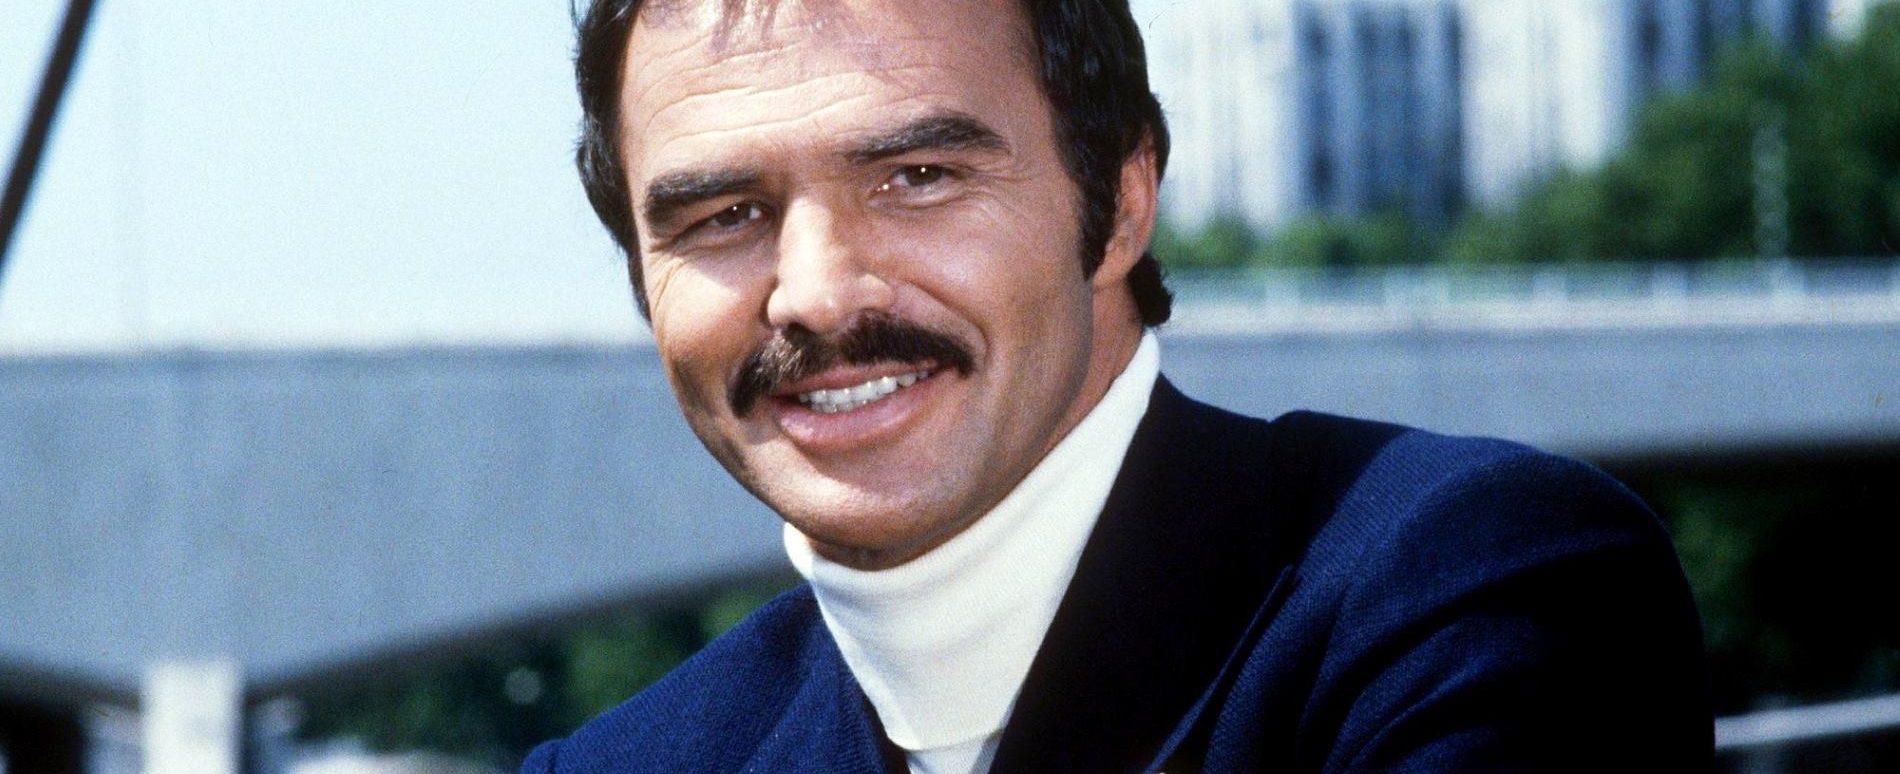 Burt Reynolds nije snimio ulogu u novom filmu Quentina Tarantina?